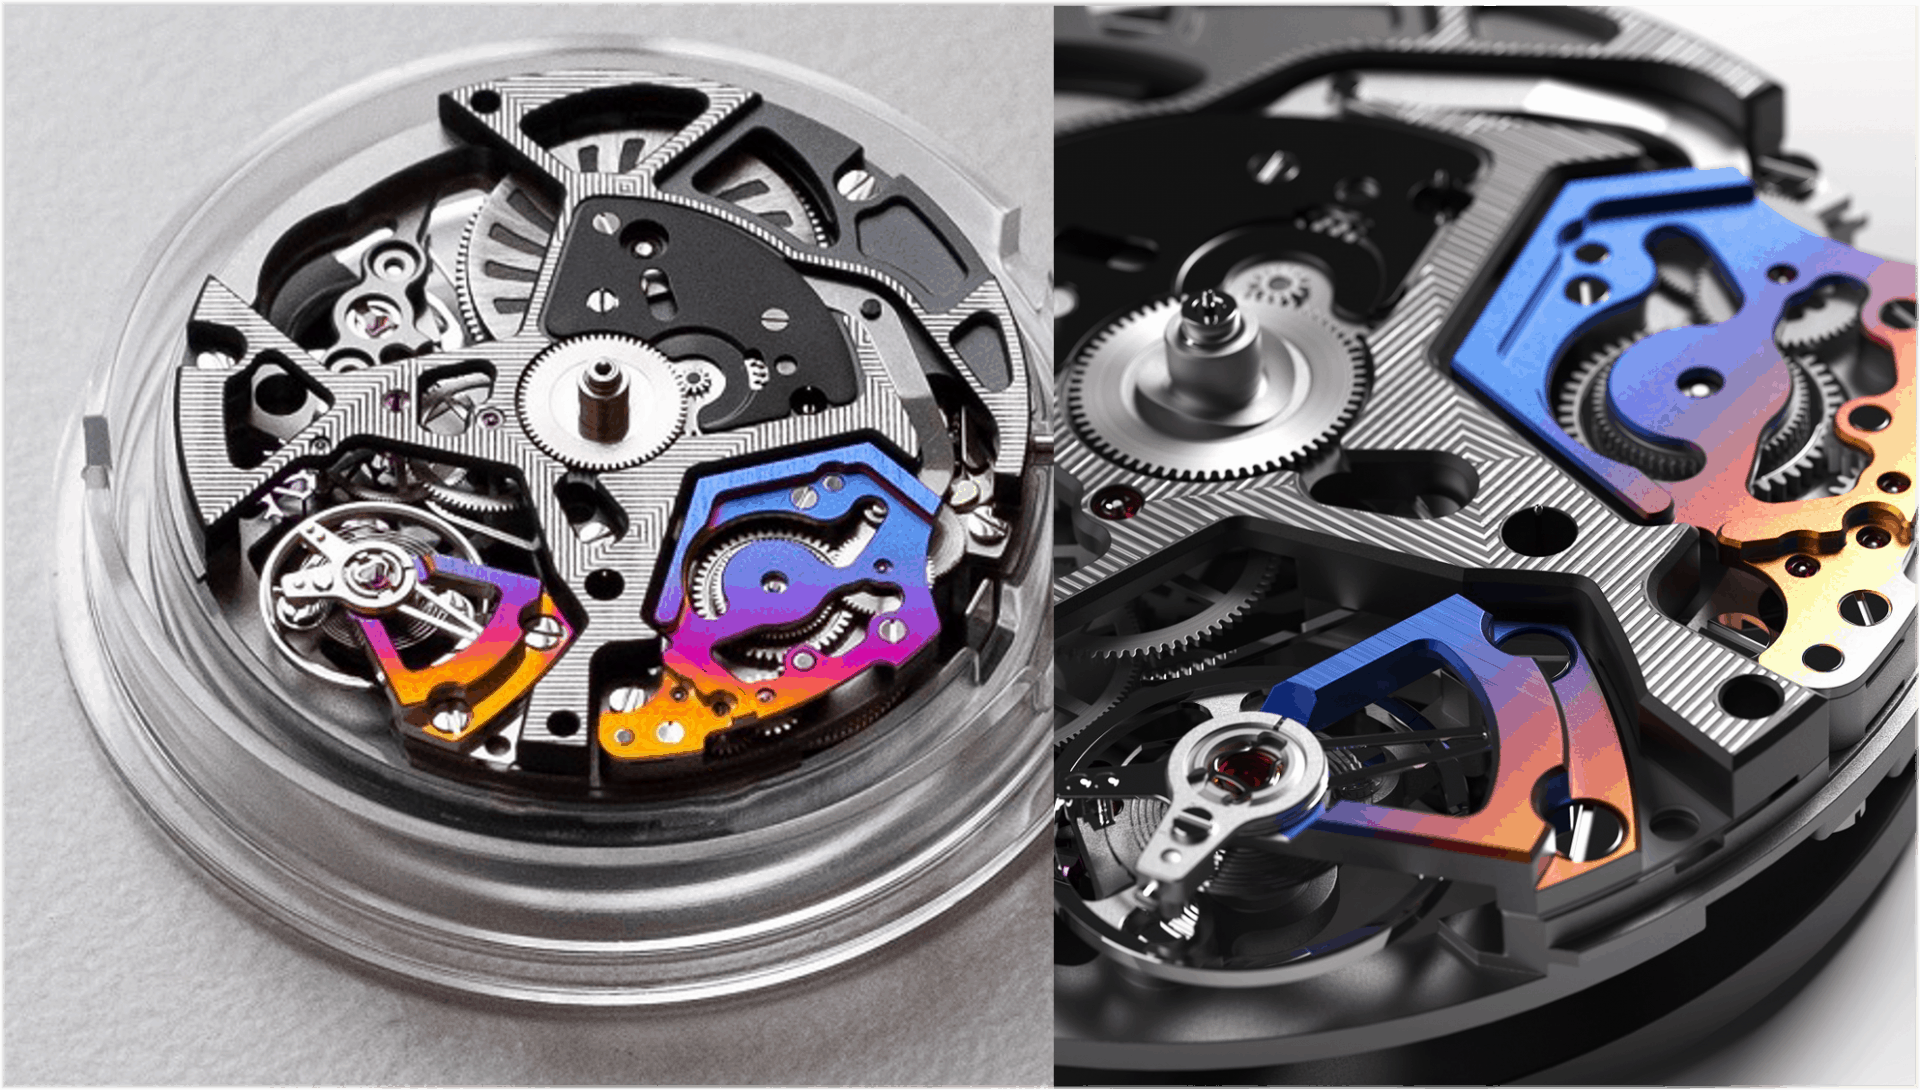 Eine überraschende, künstlerisch gestaltete Manufaktur-Mechanik: Das Zenith Kaliber 9004 x Felipe Pantone